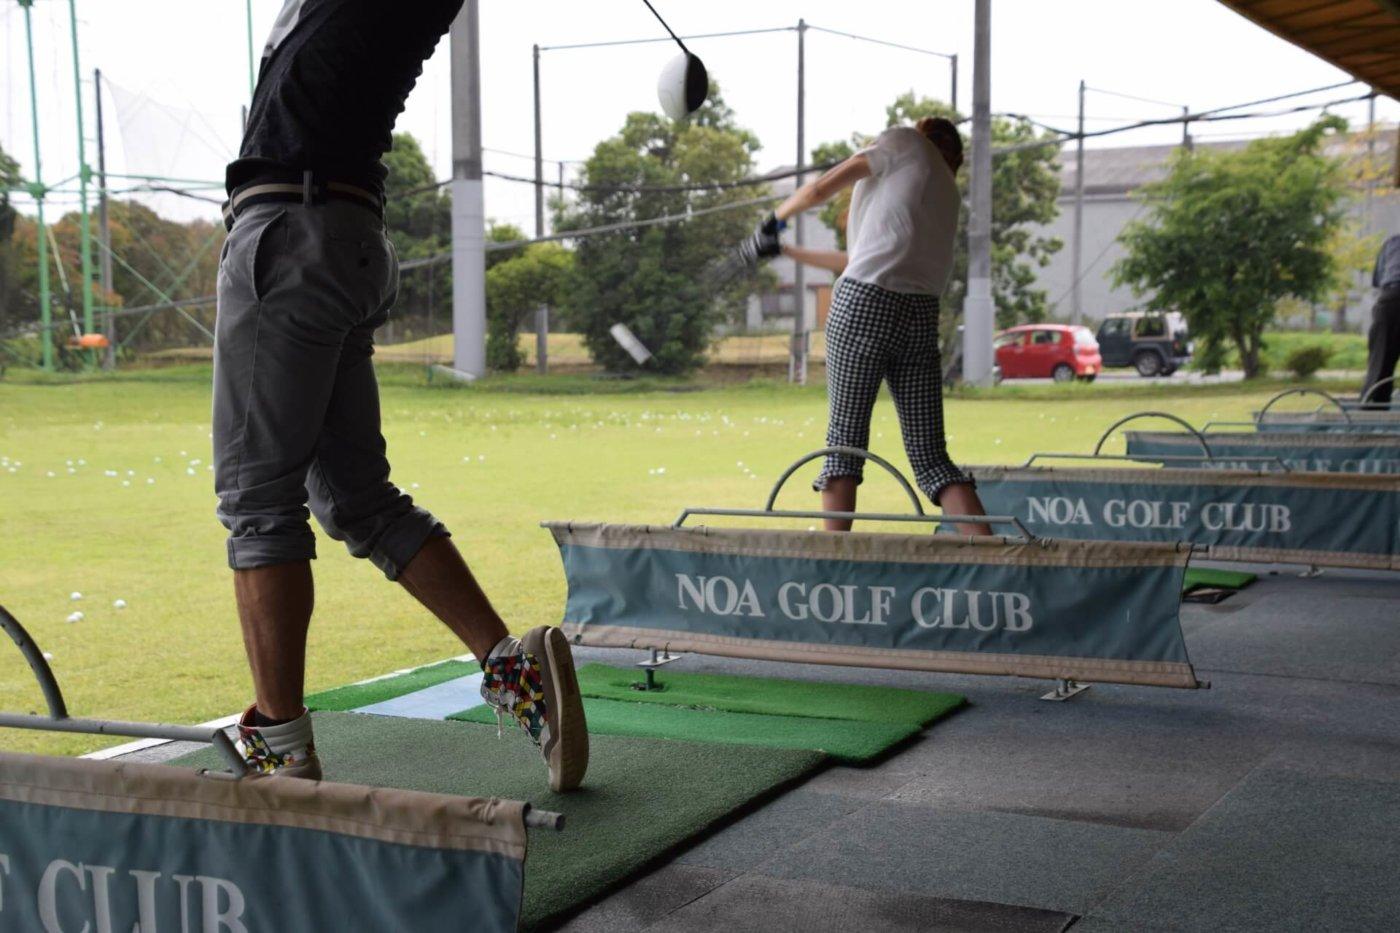 ゴルフのダウンスイングを上達させるには?